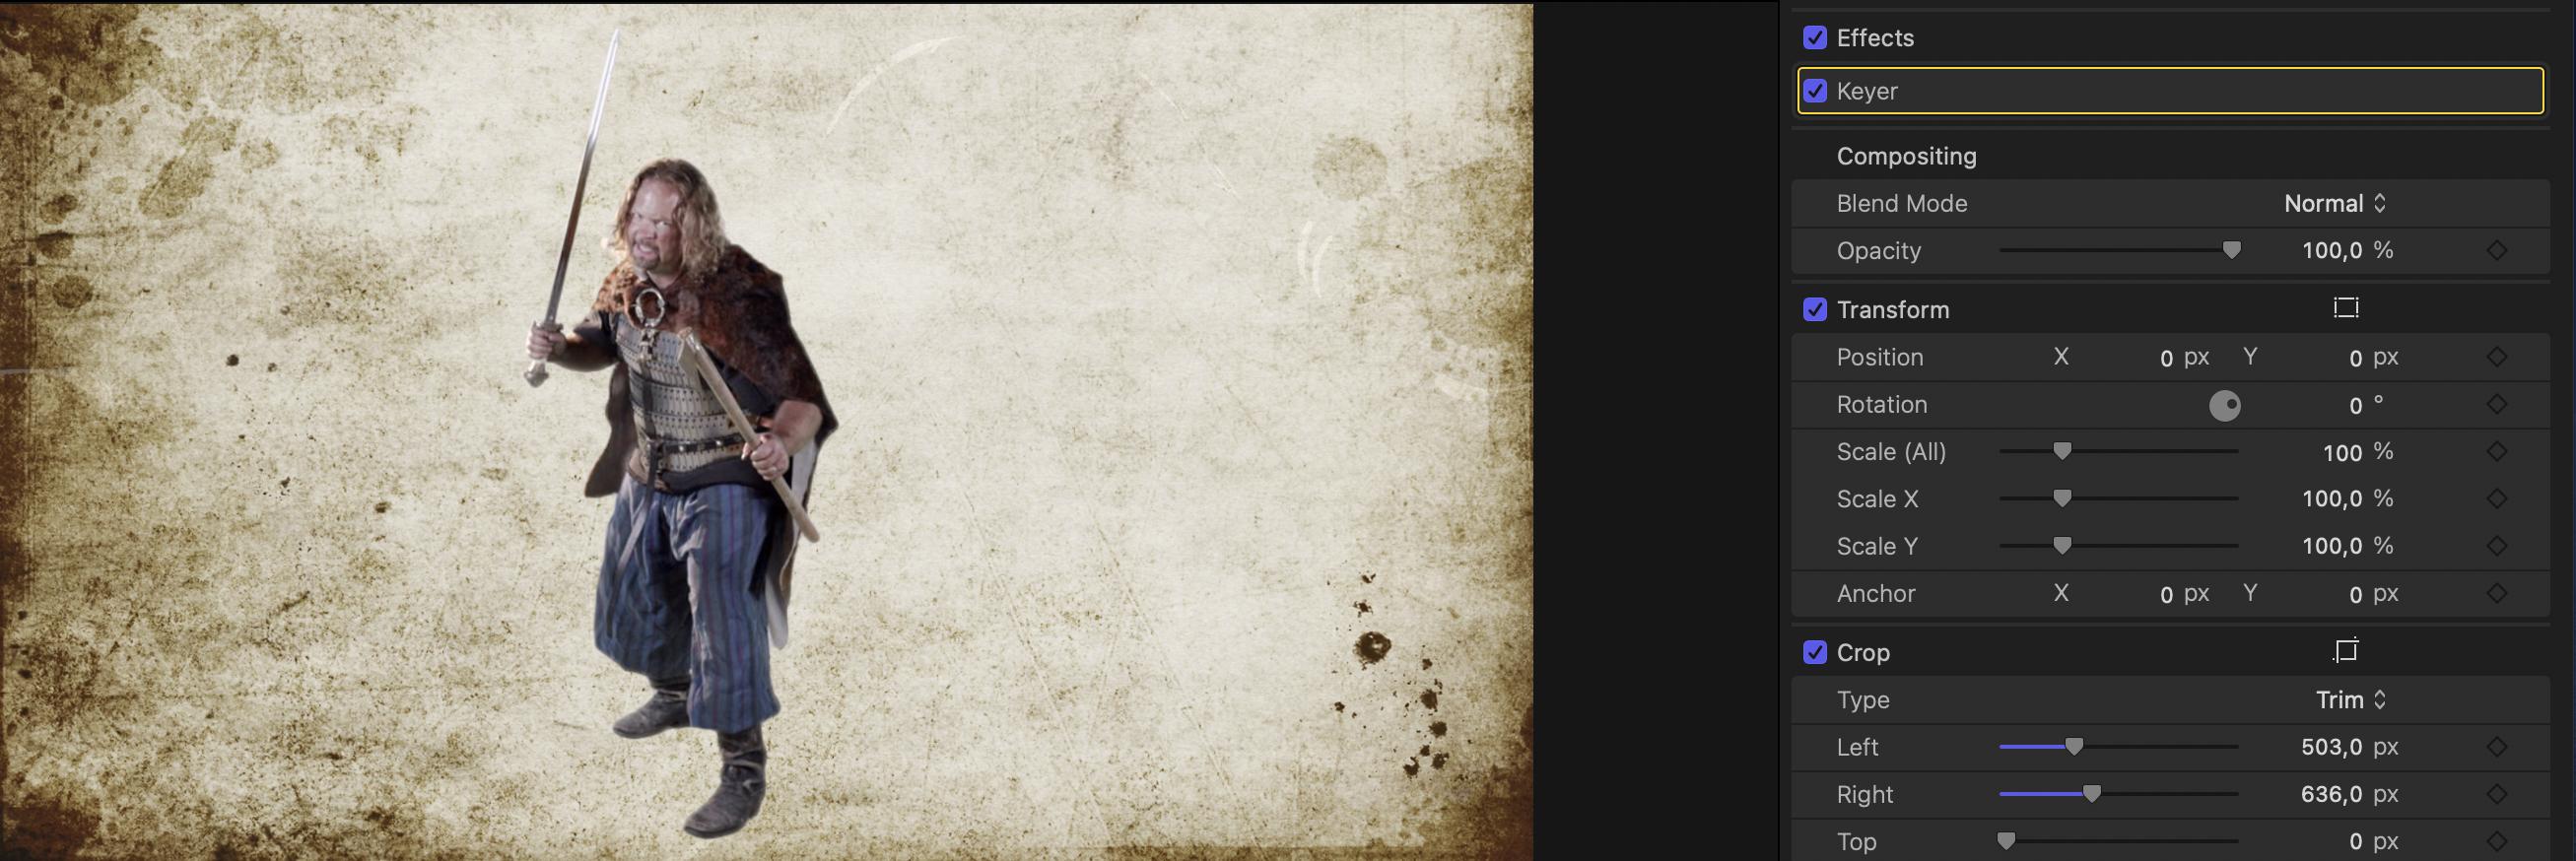 Schermafbeelding2021-08-04om18.02.52.png